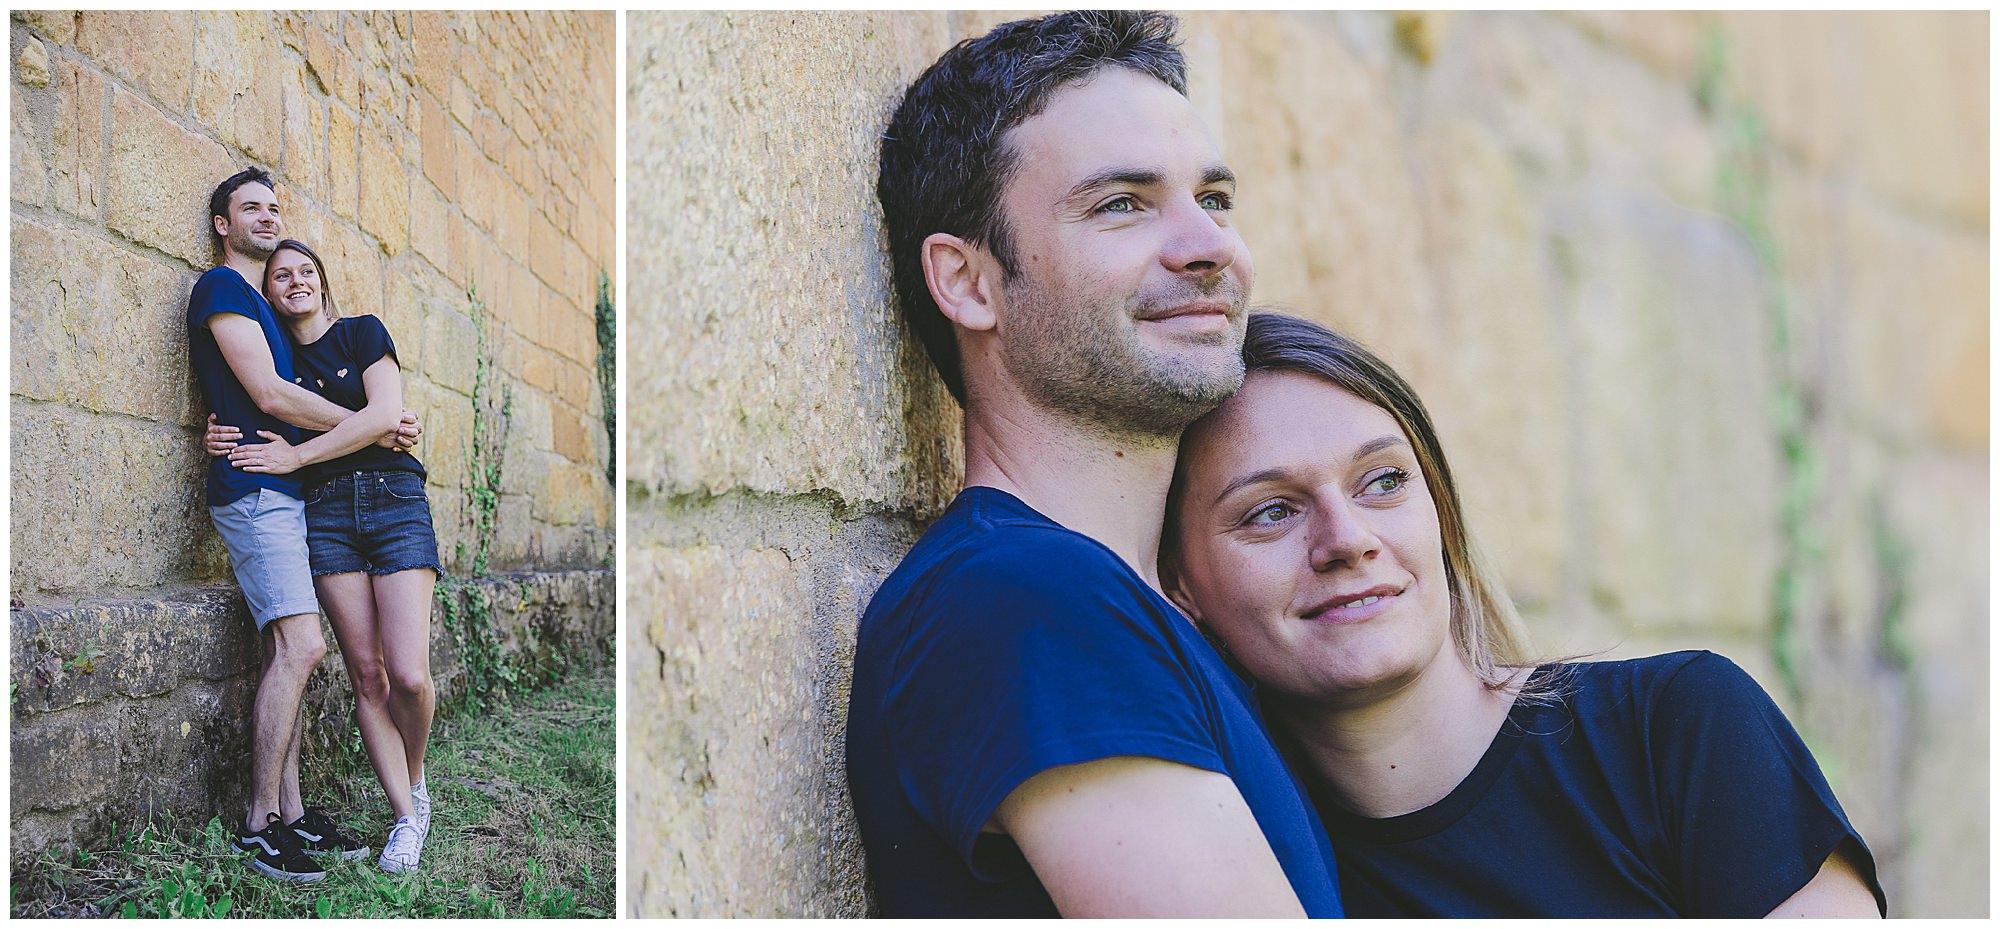 Saint Leon sur Vezere - Love Session - Just M Photographes